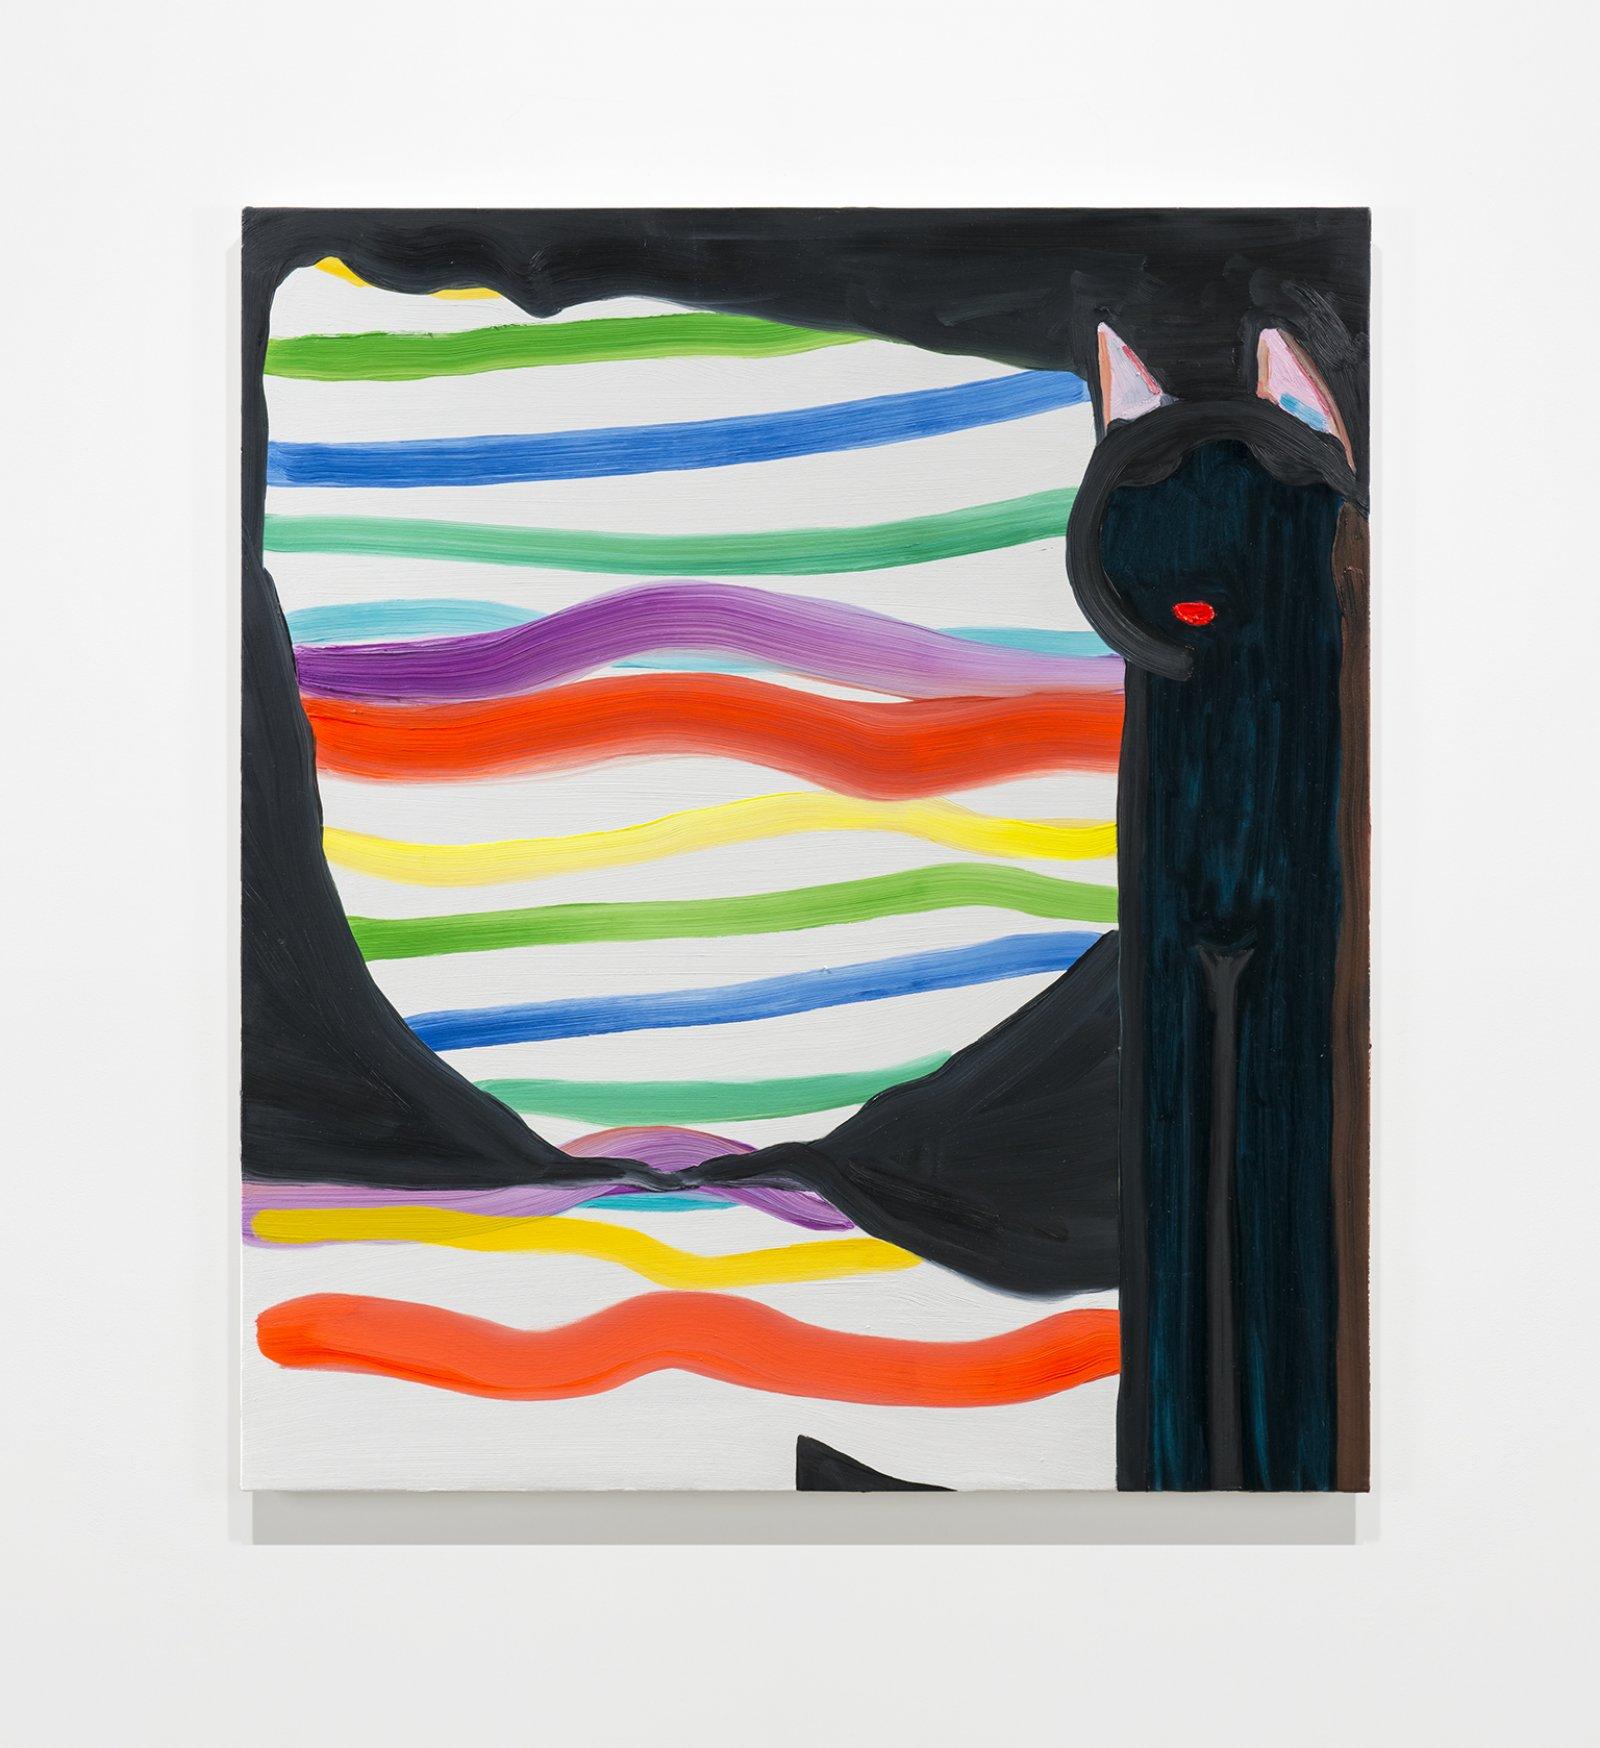 Elizabeth McIntosh, Cat, 2020, oil on canvas, 32 x 28 in. (81 x 71 cm) by Elizabeth McIntosh